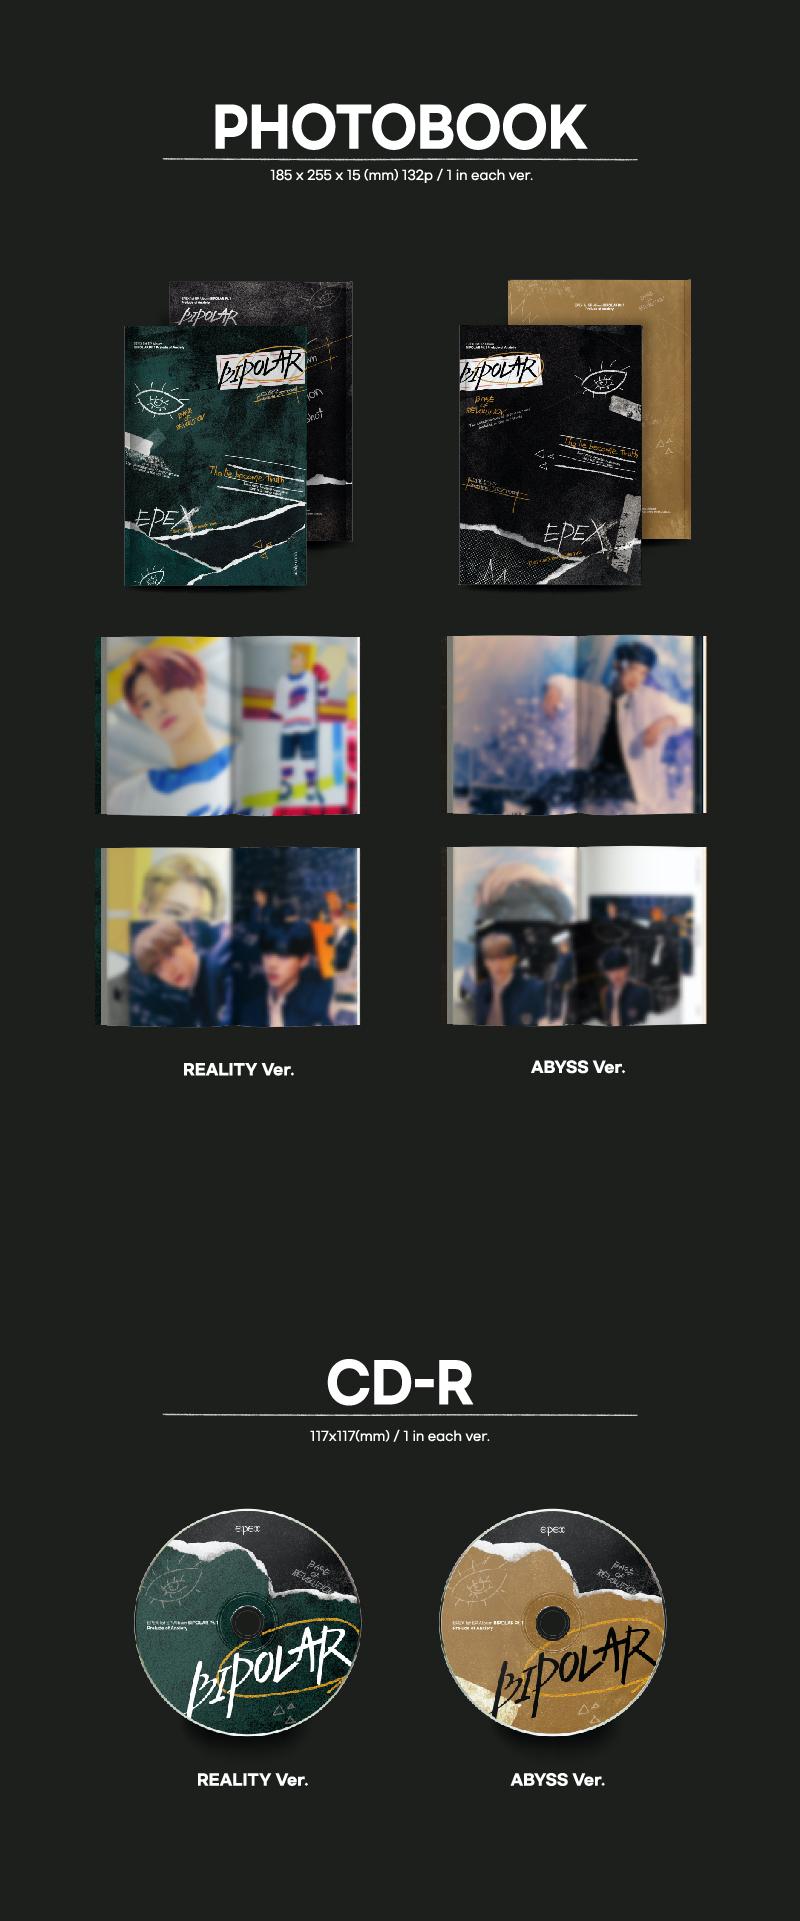 【7月18日開催/2部】EPEX 1st EP Album [BIPOLAR Pt.1 : Prelude of Anxiety 불안의 서]【オンライン個別握手会対象】